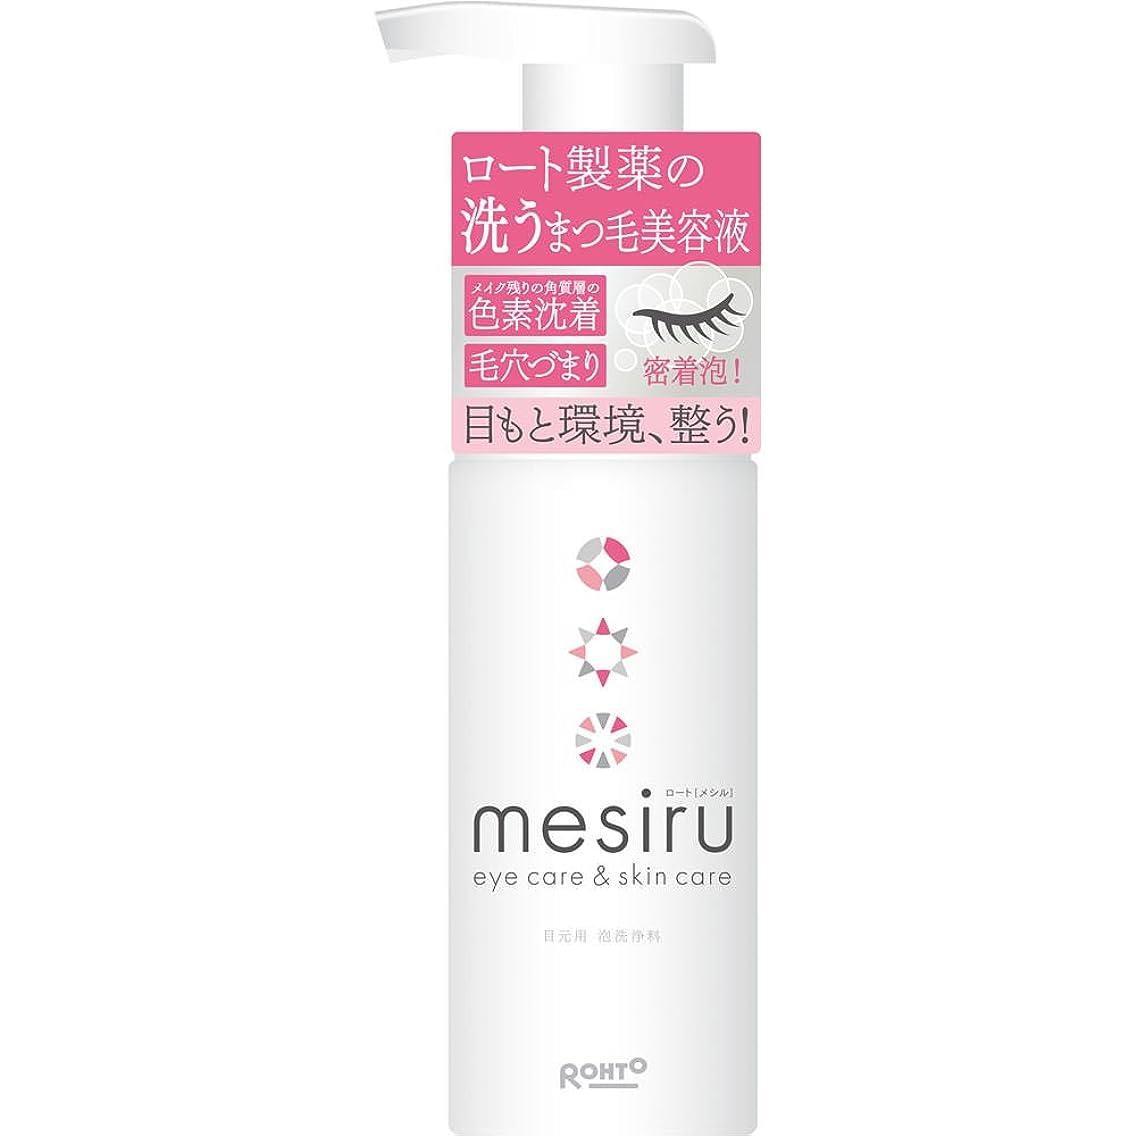 ポータルバルセロナアプライアンスロート製薬 メシル(mesiru) 洗うまつ毛美容液シャンプー まつ毛ダニ対策 150mL